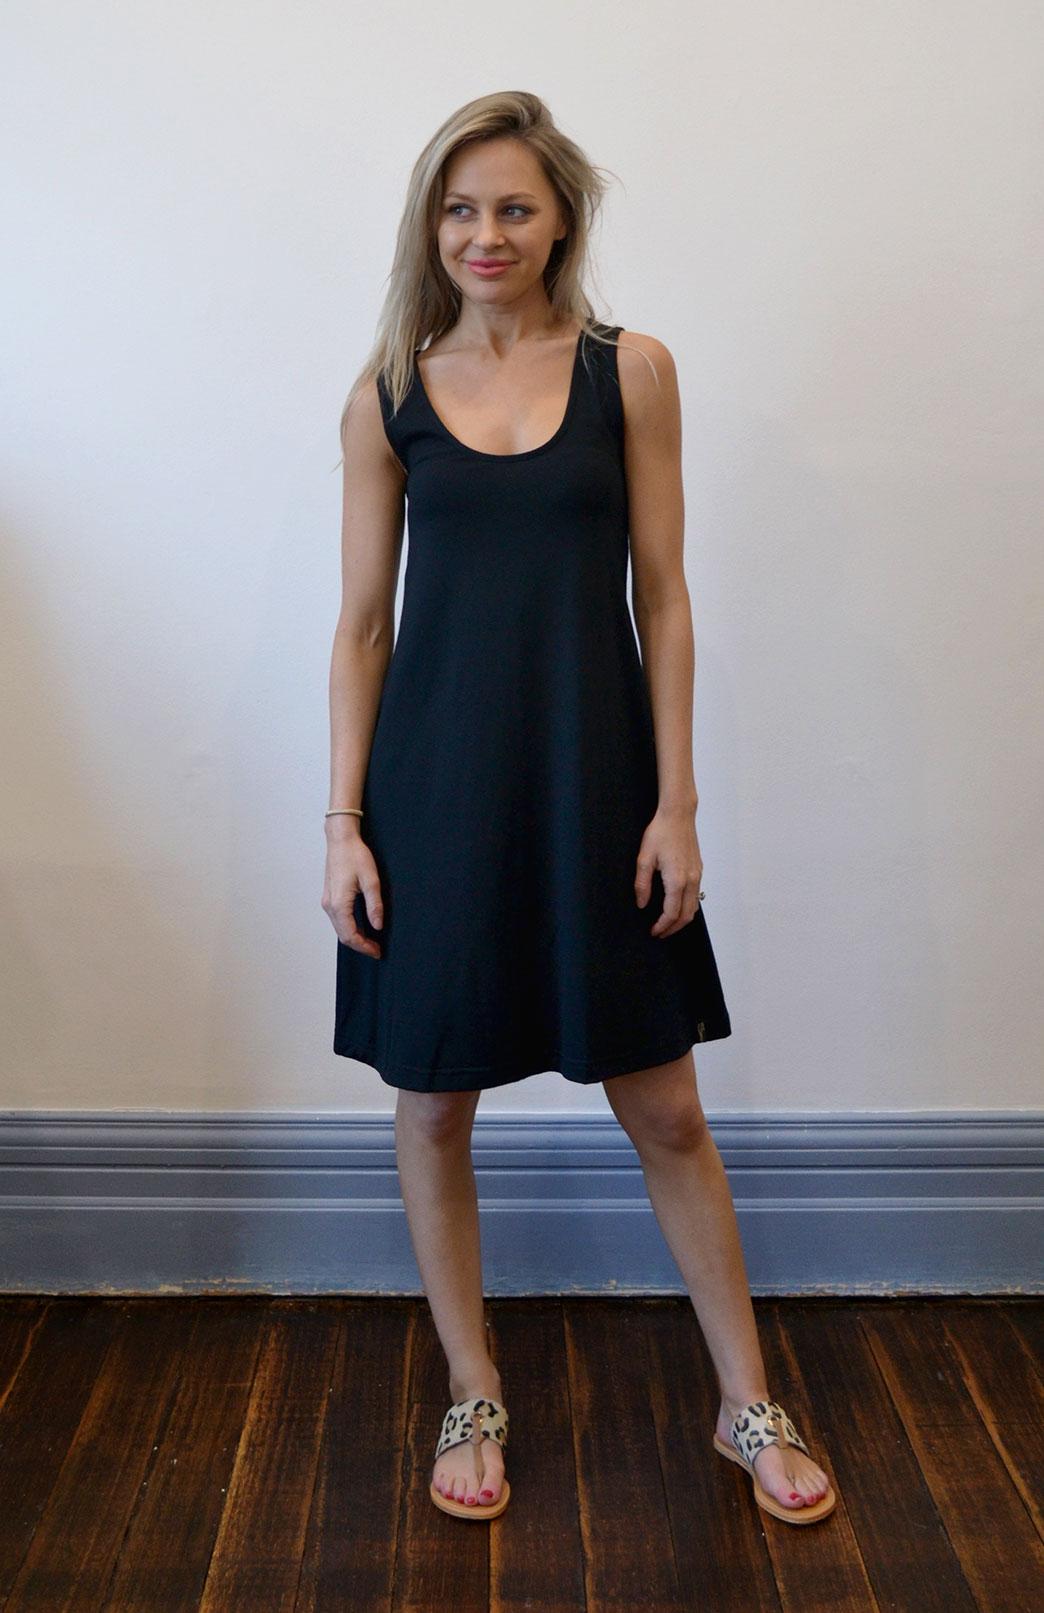 Classic Swing Dress - Women's Black Sleeveless Merino Wool Swing Dress - Smitten Merino Tasmania Australia